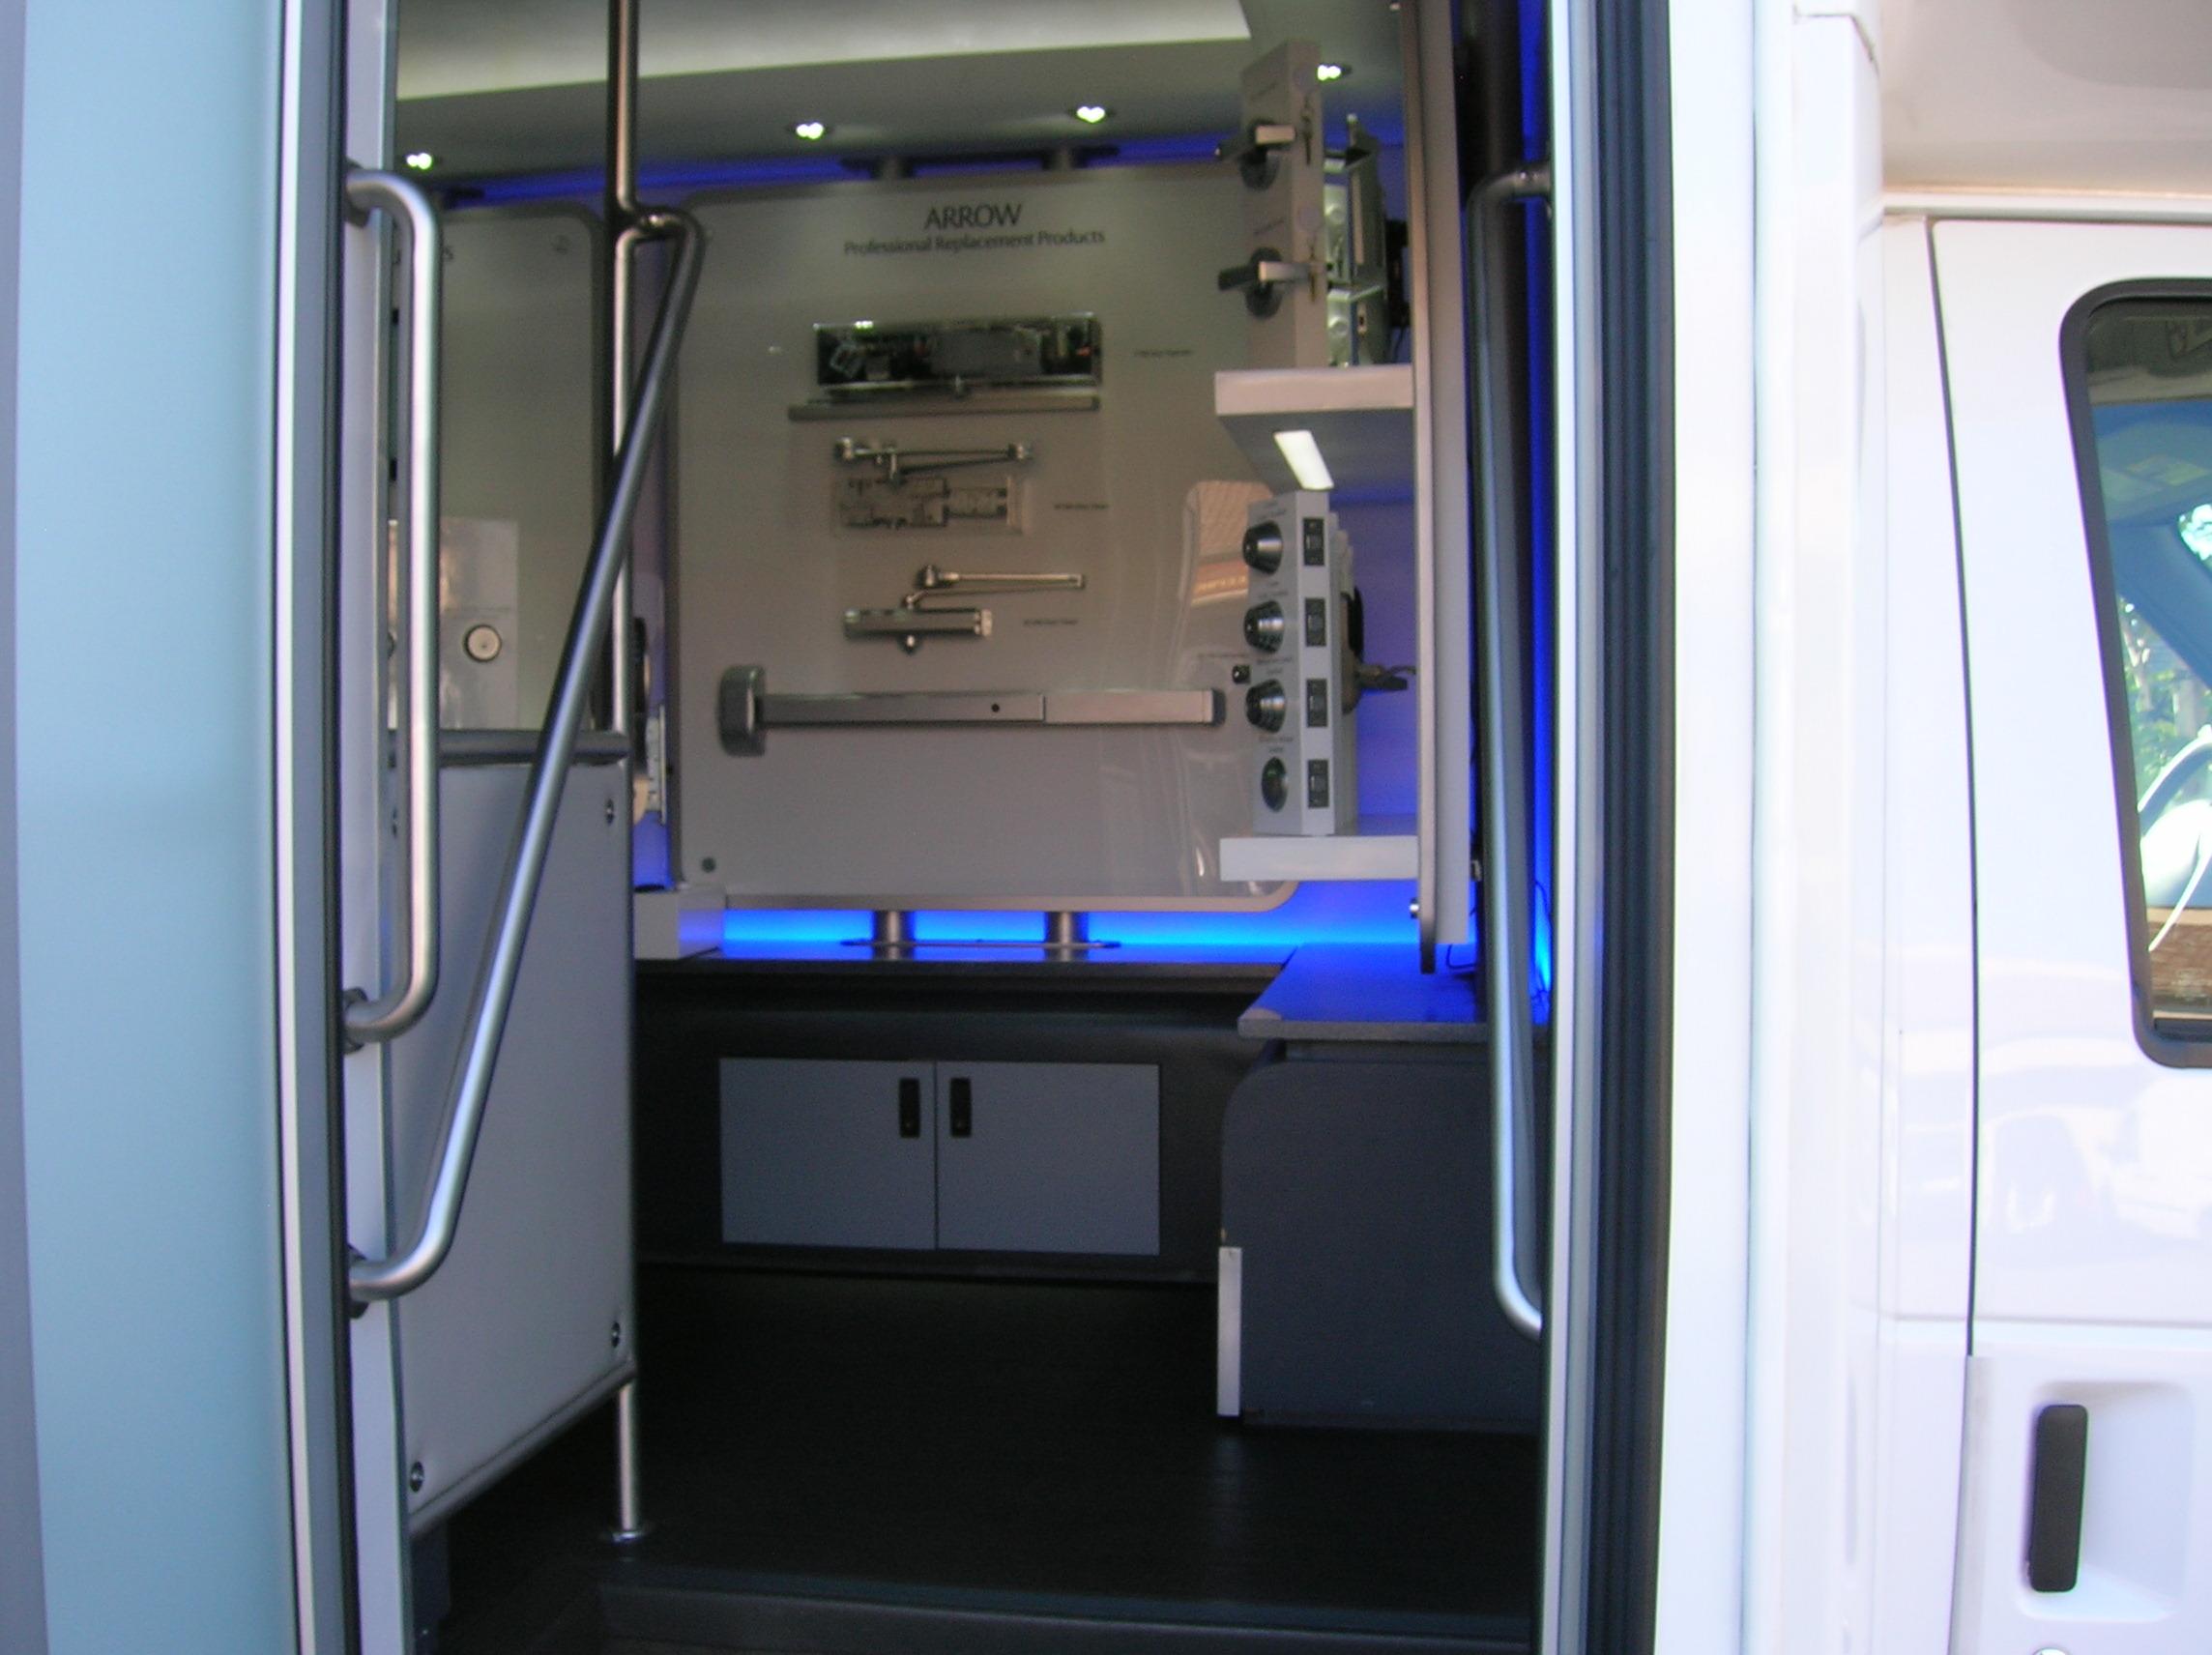 assa abloy mobile showroom professional lock safe. Black Bedroom Furniture Sets. Home Design Ideas